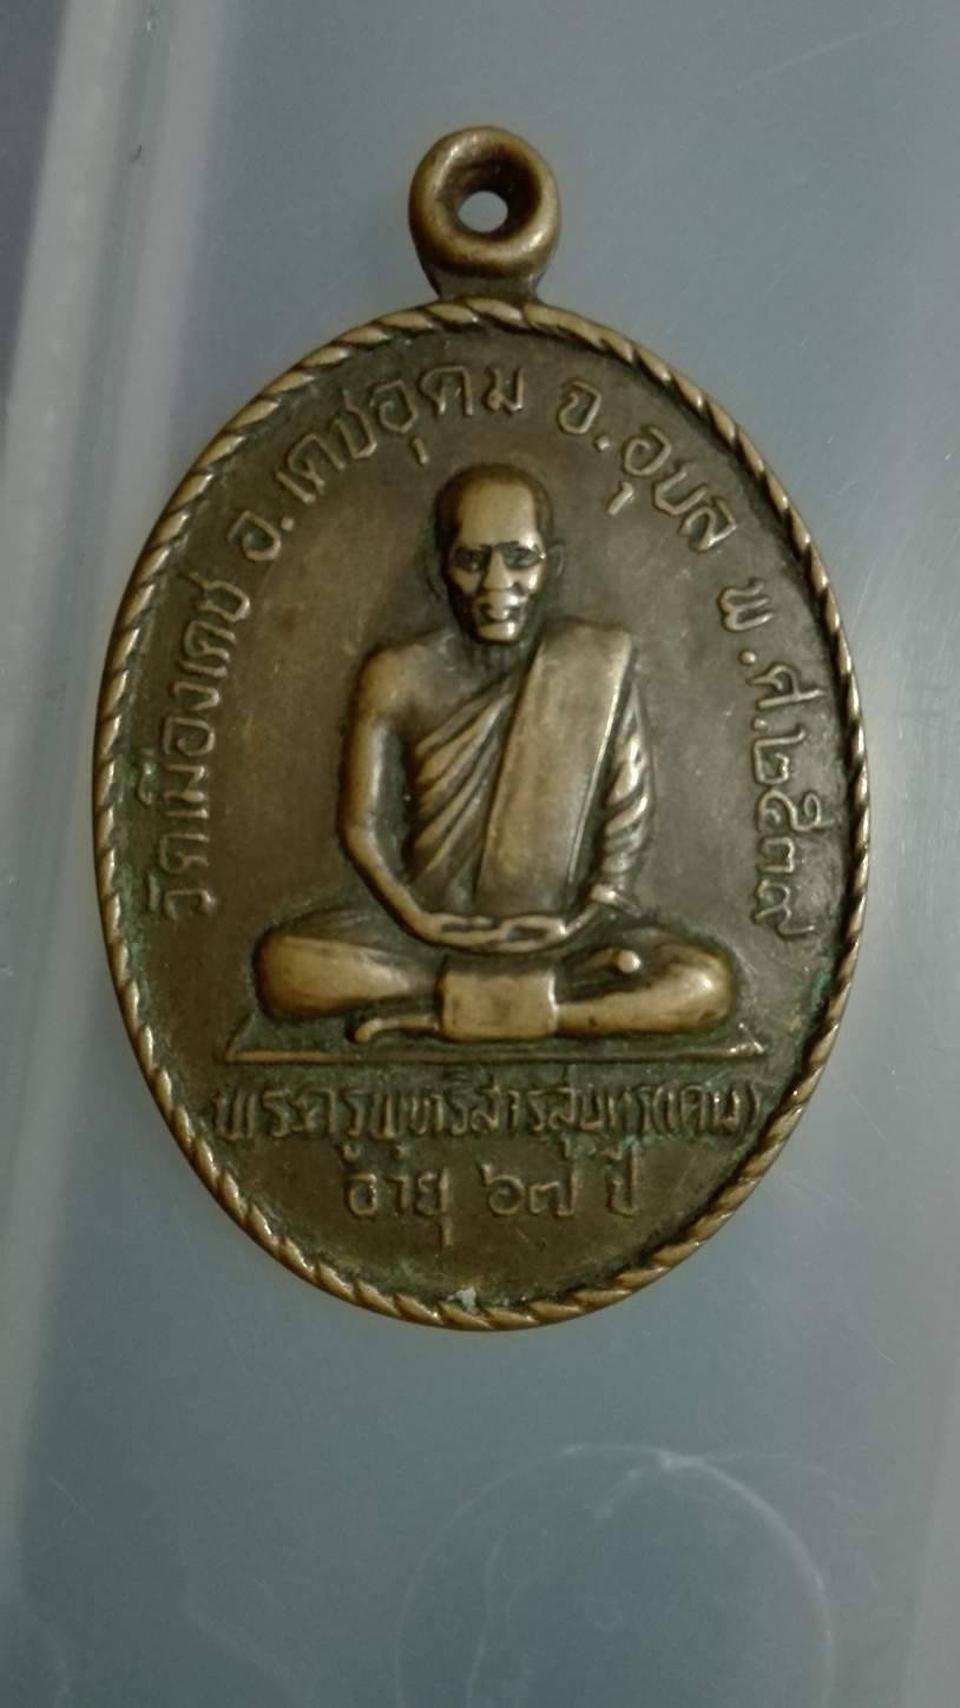 เหรียญพระครูพุทธิสารสุนทร(เคน) วัดเมืองเดช อ.เดชอุดม จ.อุบลราชธานี ปี 2539 อายุ67ปี รูปที่ 3